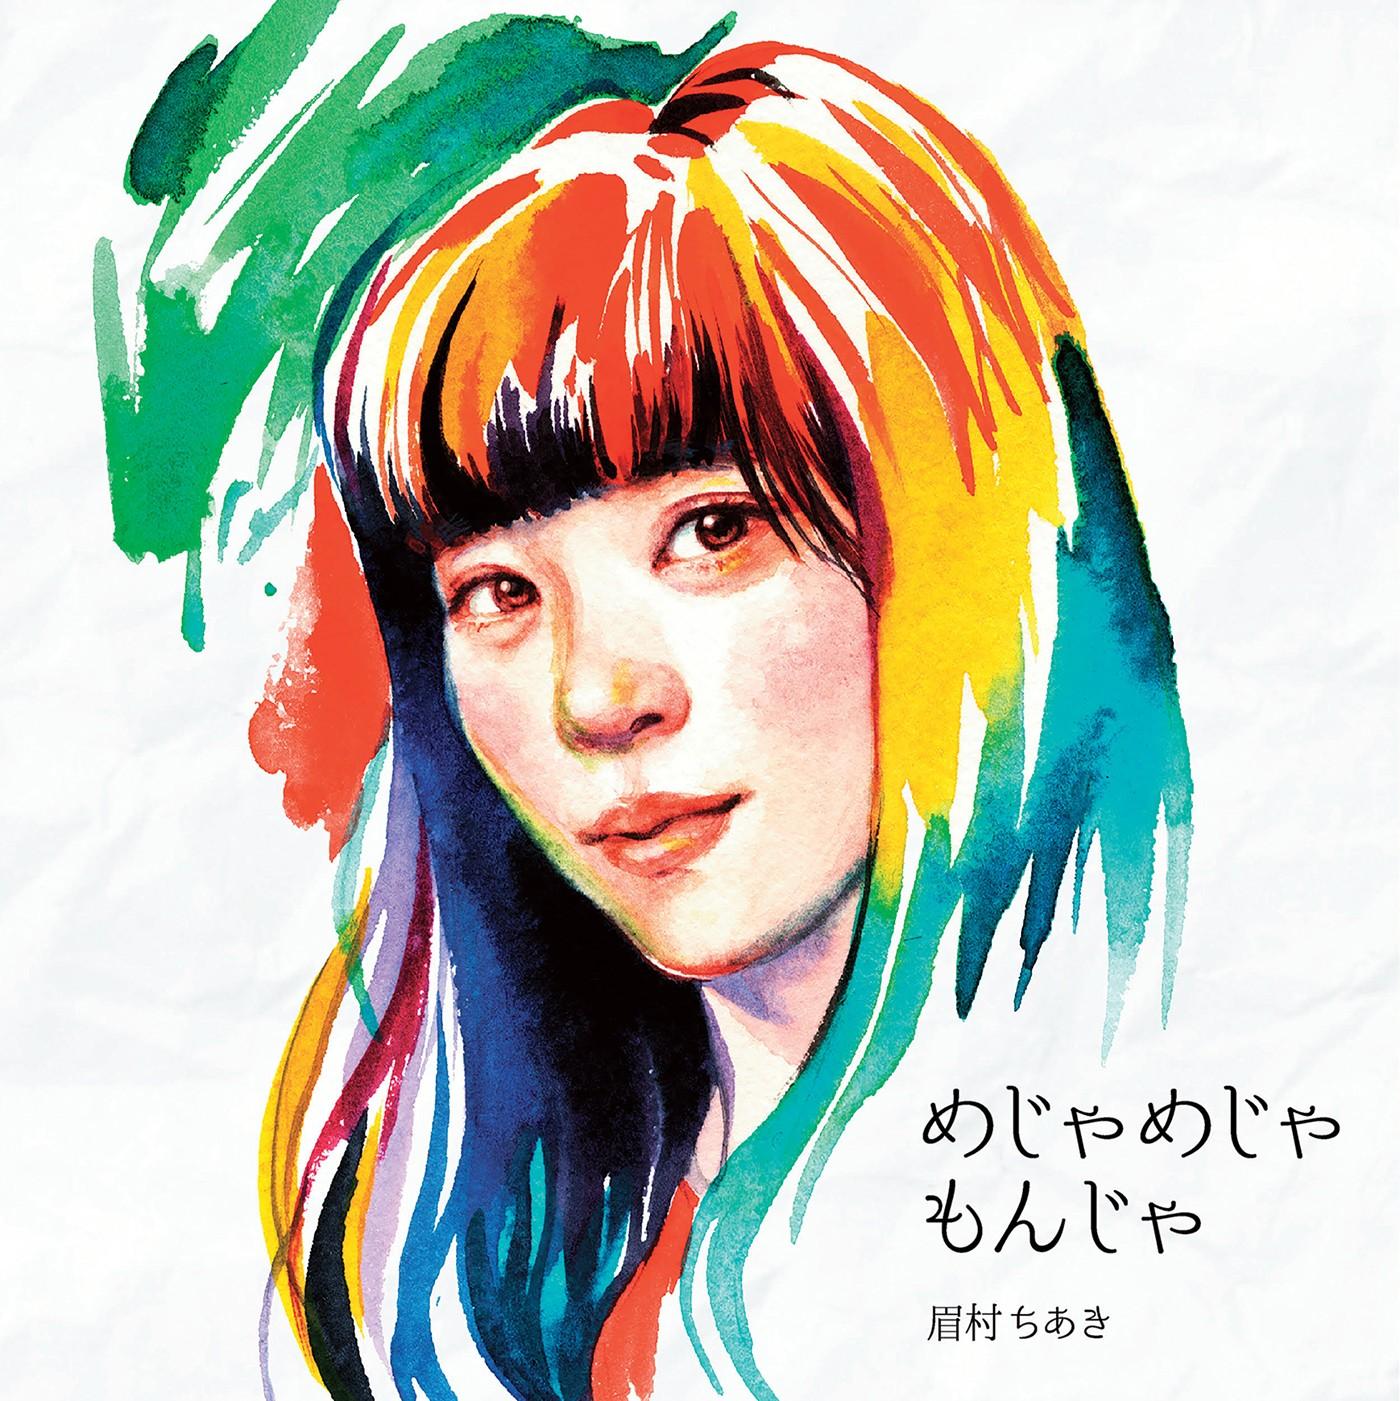 眉村ちあき (Chiaki Mayumura) – めじゃめじゃもんじゃ [FLAC 24bit/48kHz]